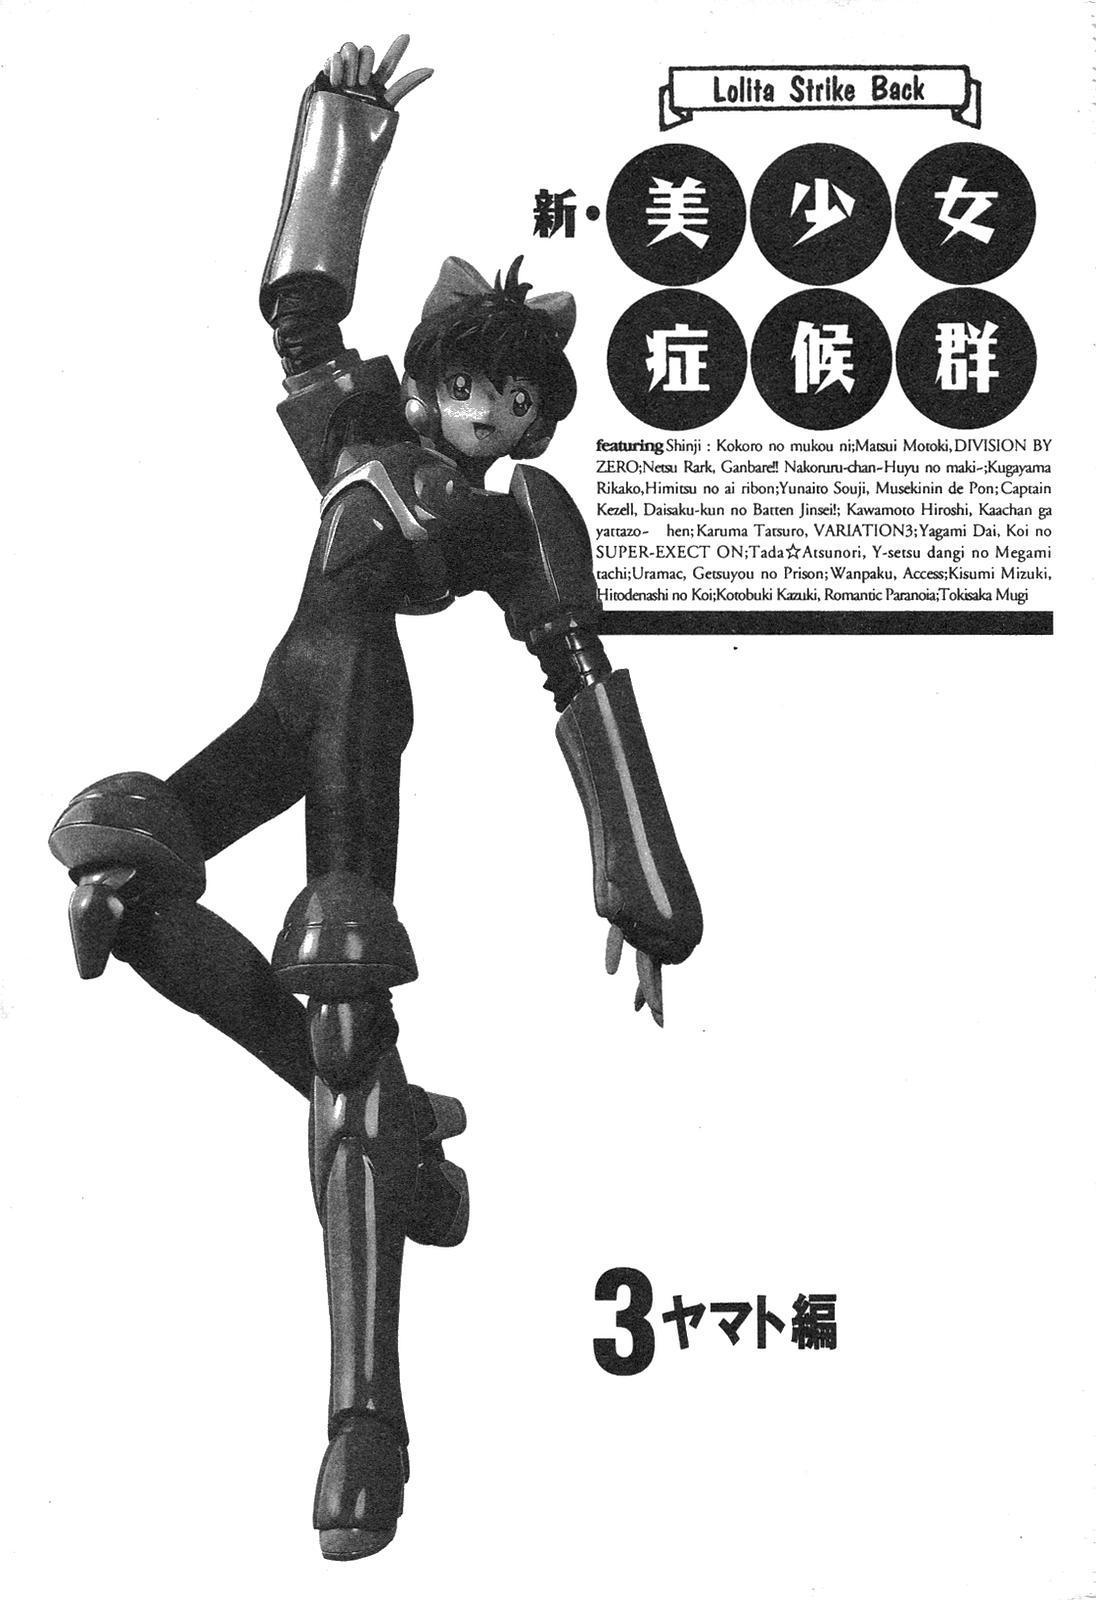 Shin Bishoujo Shoukougun 3 Yamato hen 3